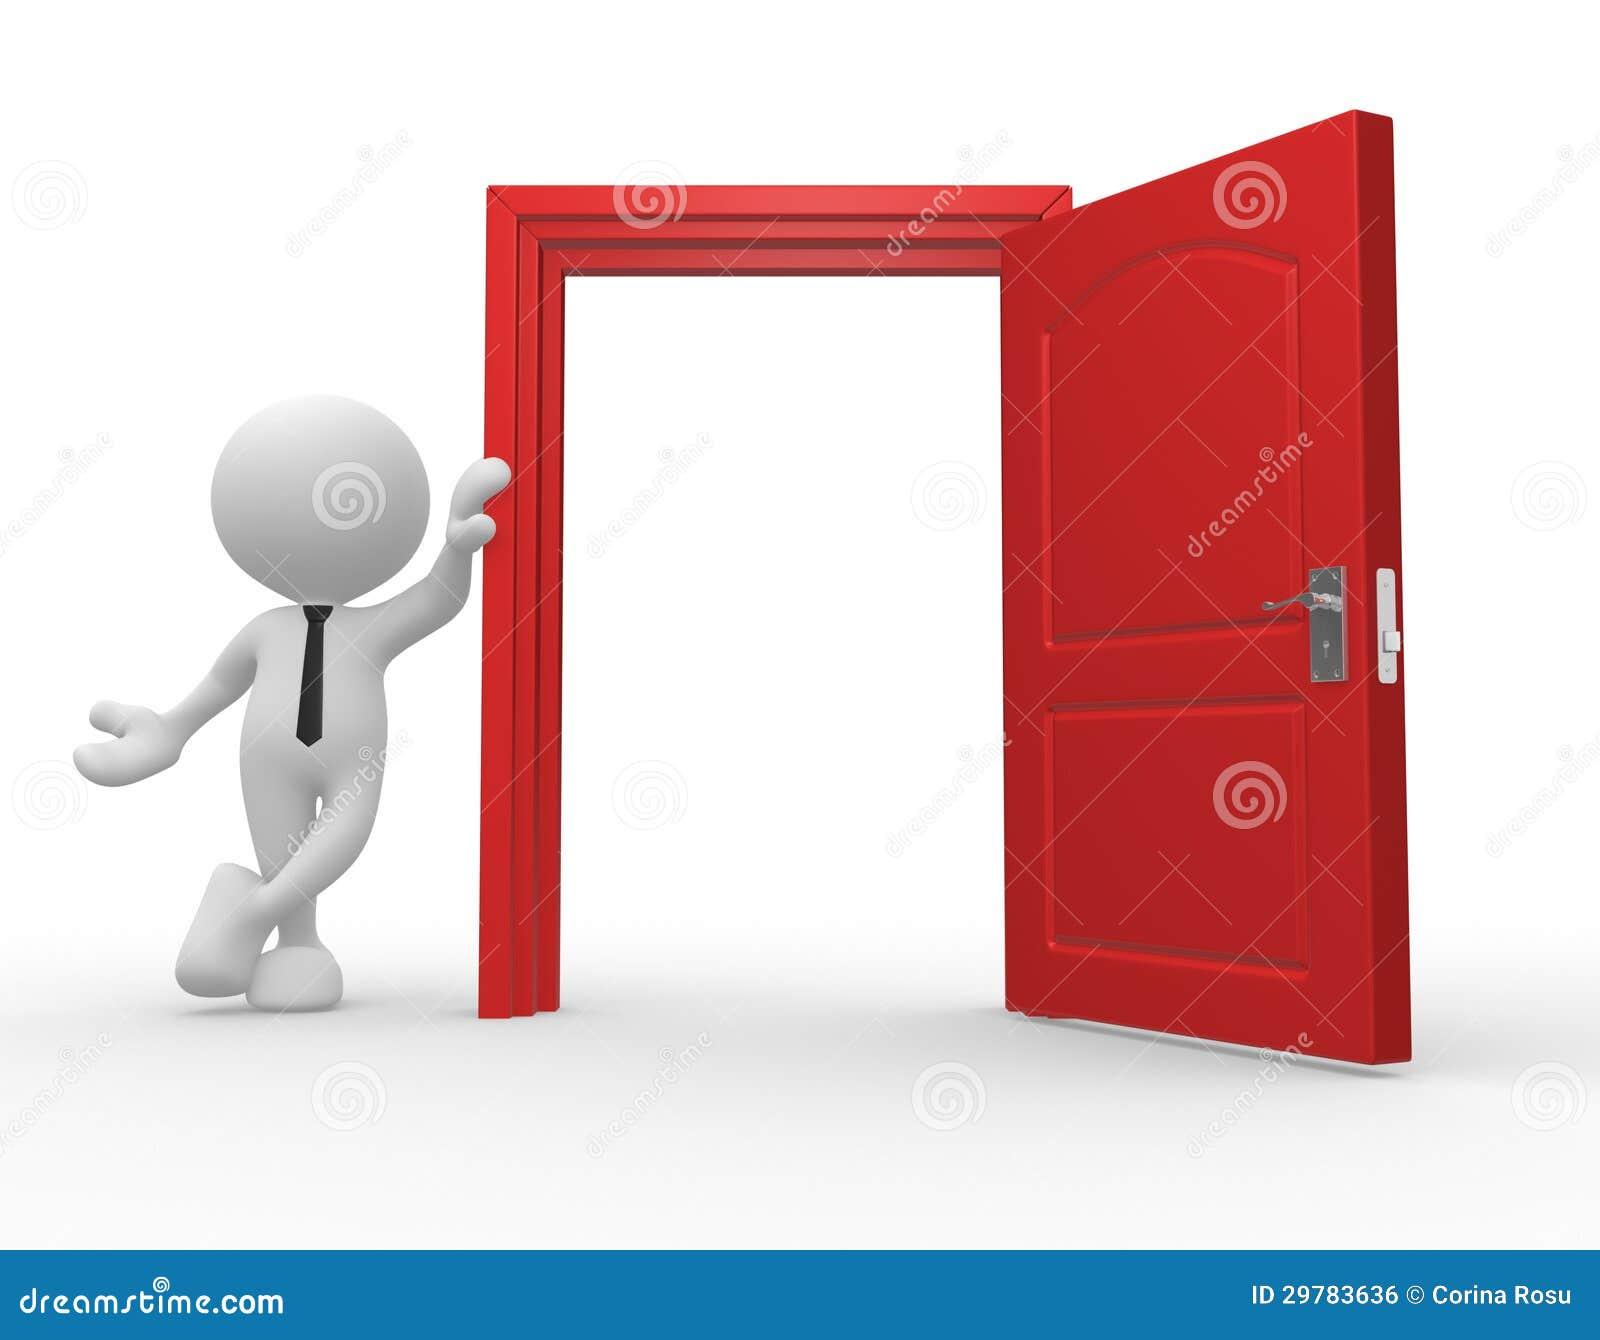 People Opening Doors : Open door royalty free stock image